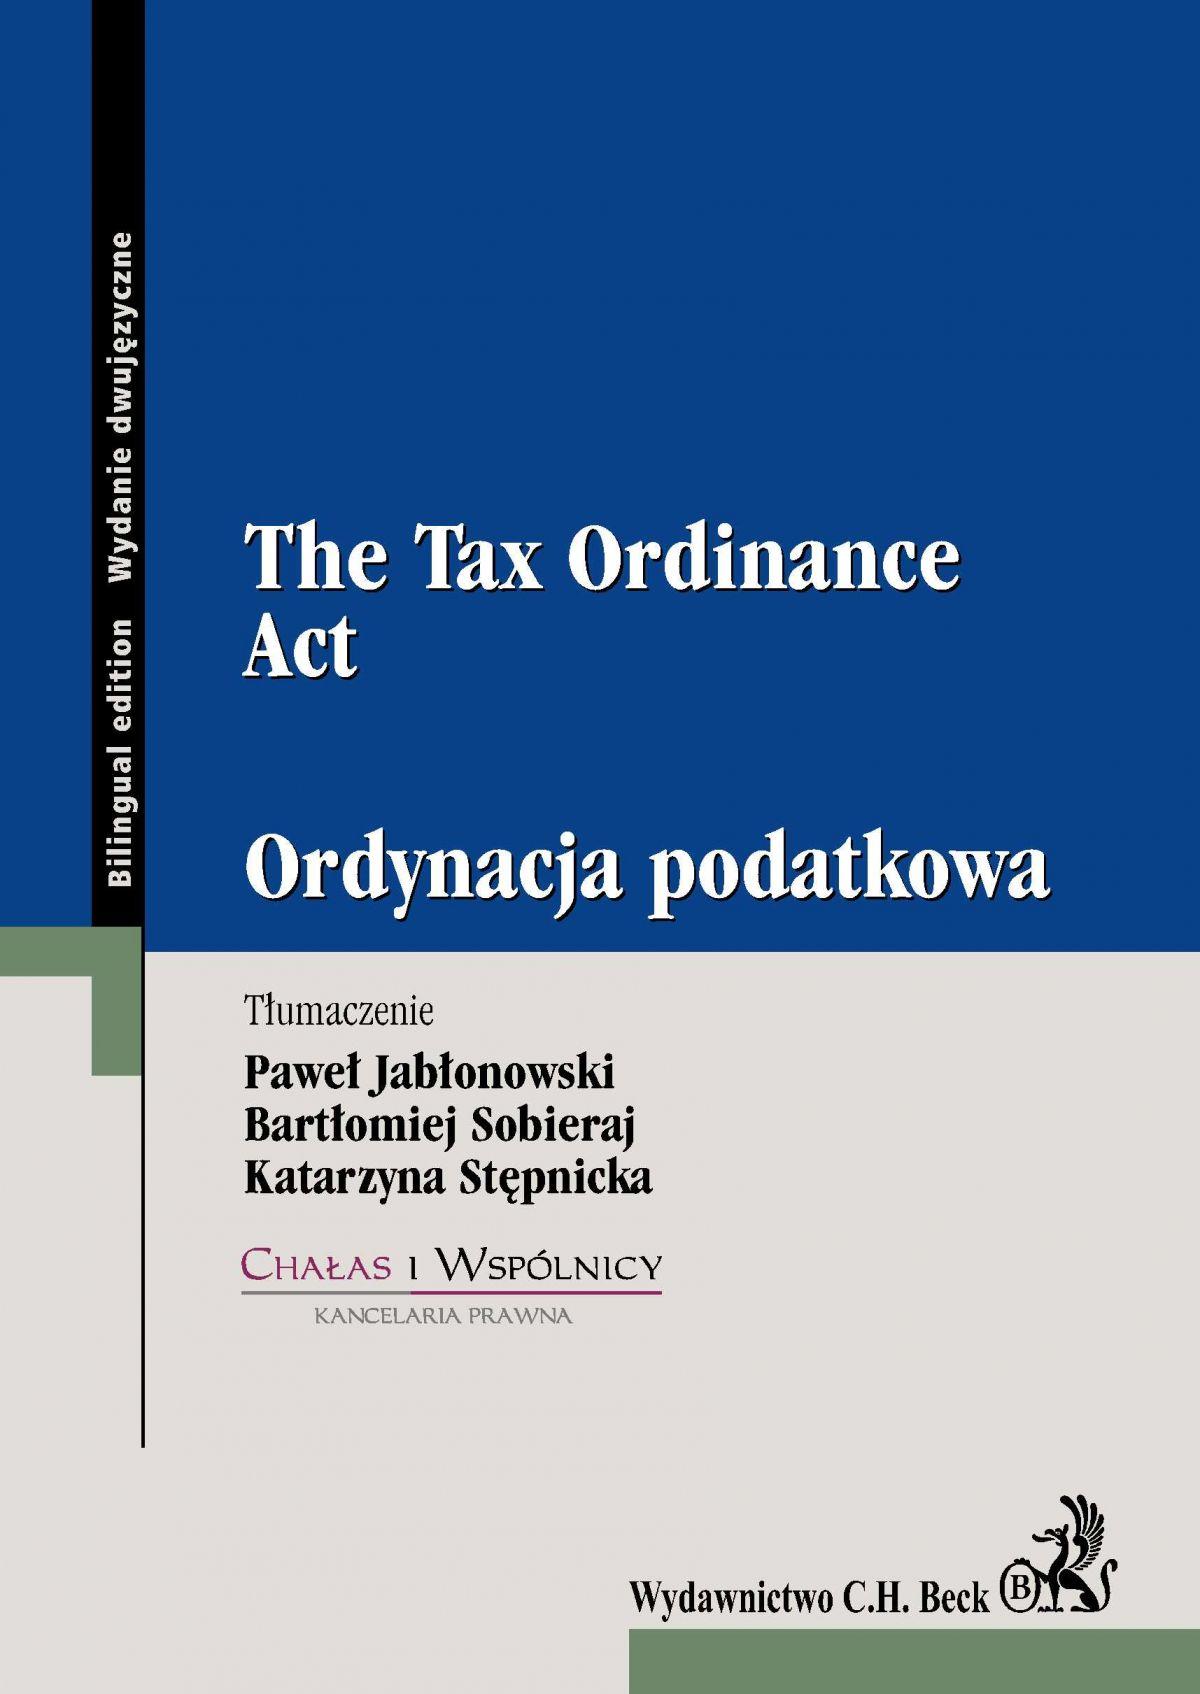 Ordynacja podatkowa. The Tax Ordinance Act - Ebook (Książka PDF) do pobrania w formacie PDF